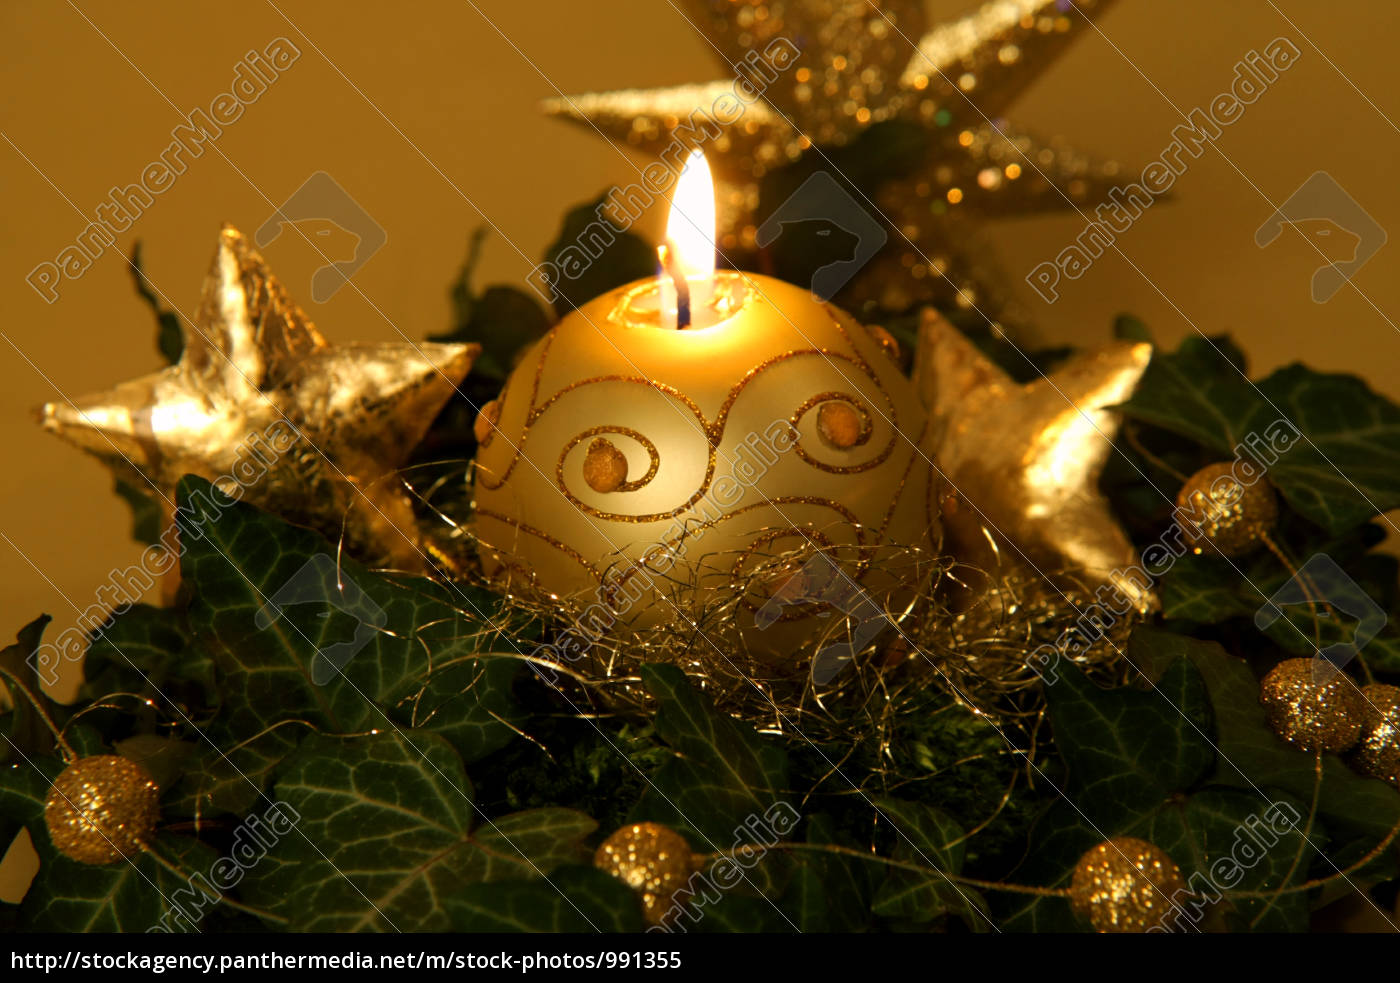 weihnachtliche dekoration in gold lizenzfreies bild. Black Bedroom Furniture Sets. Home Design Ideas